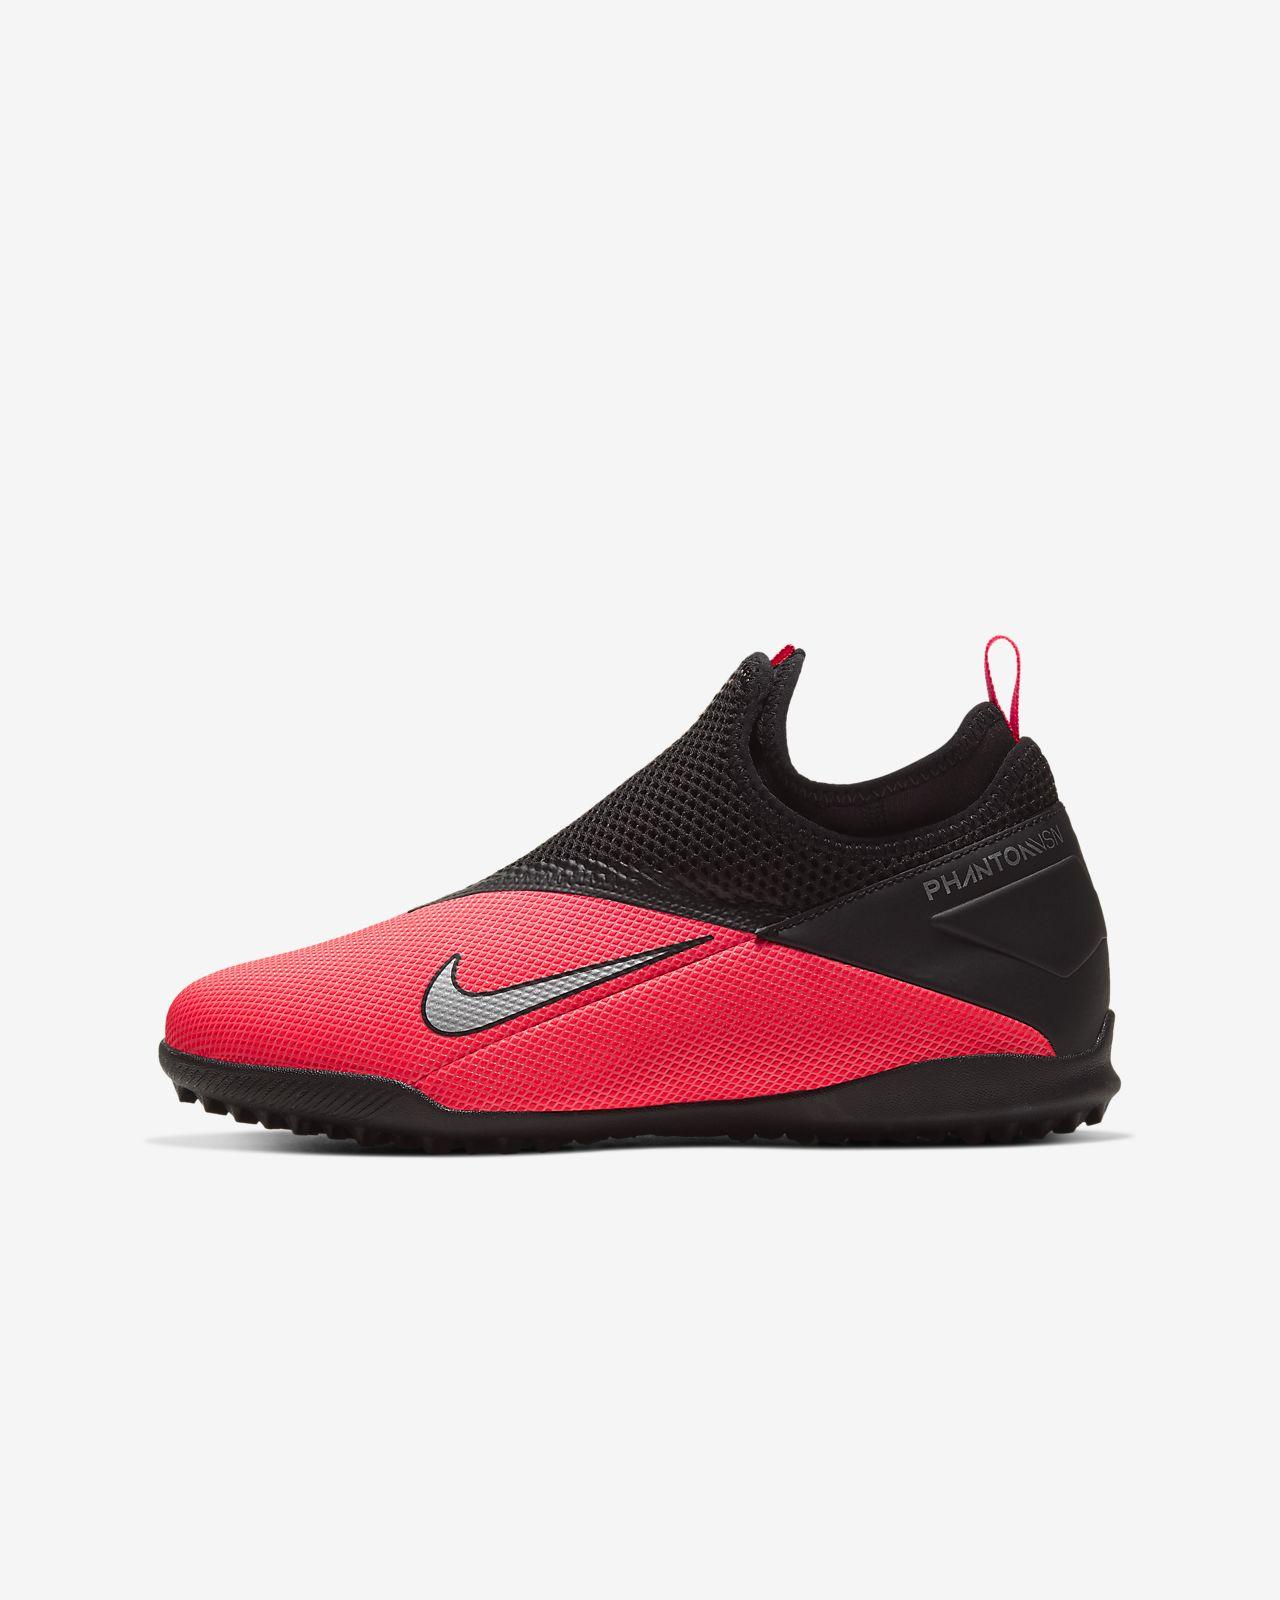 Kopačka na umělou trávu Nike Jr. Phantom Vision 2 Academy Dynamic Fit TF pro malé/větší děti